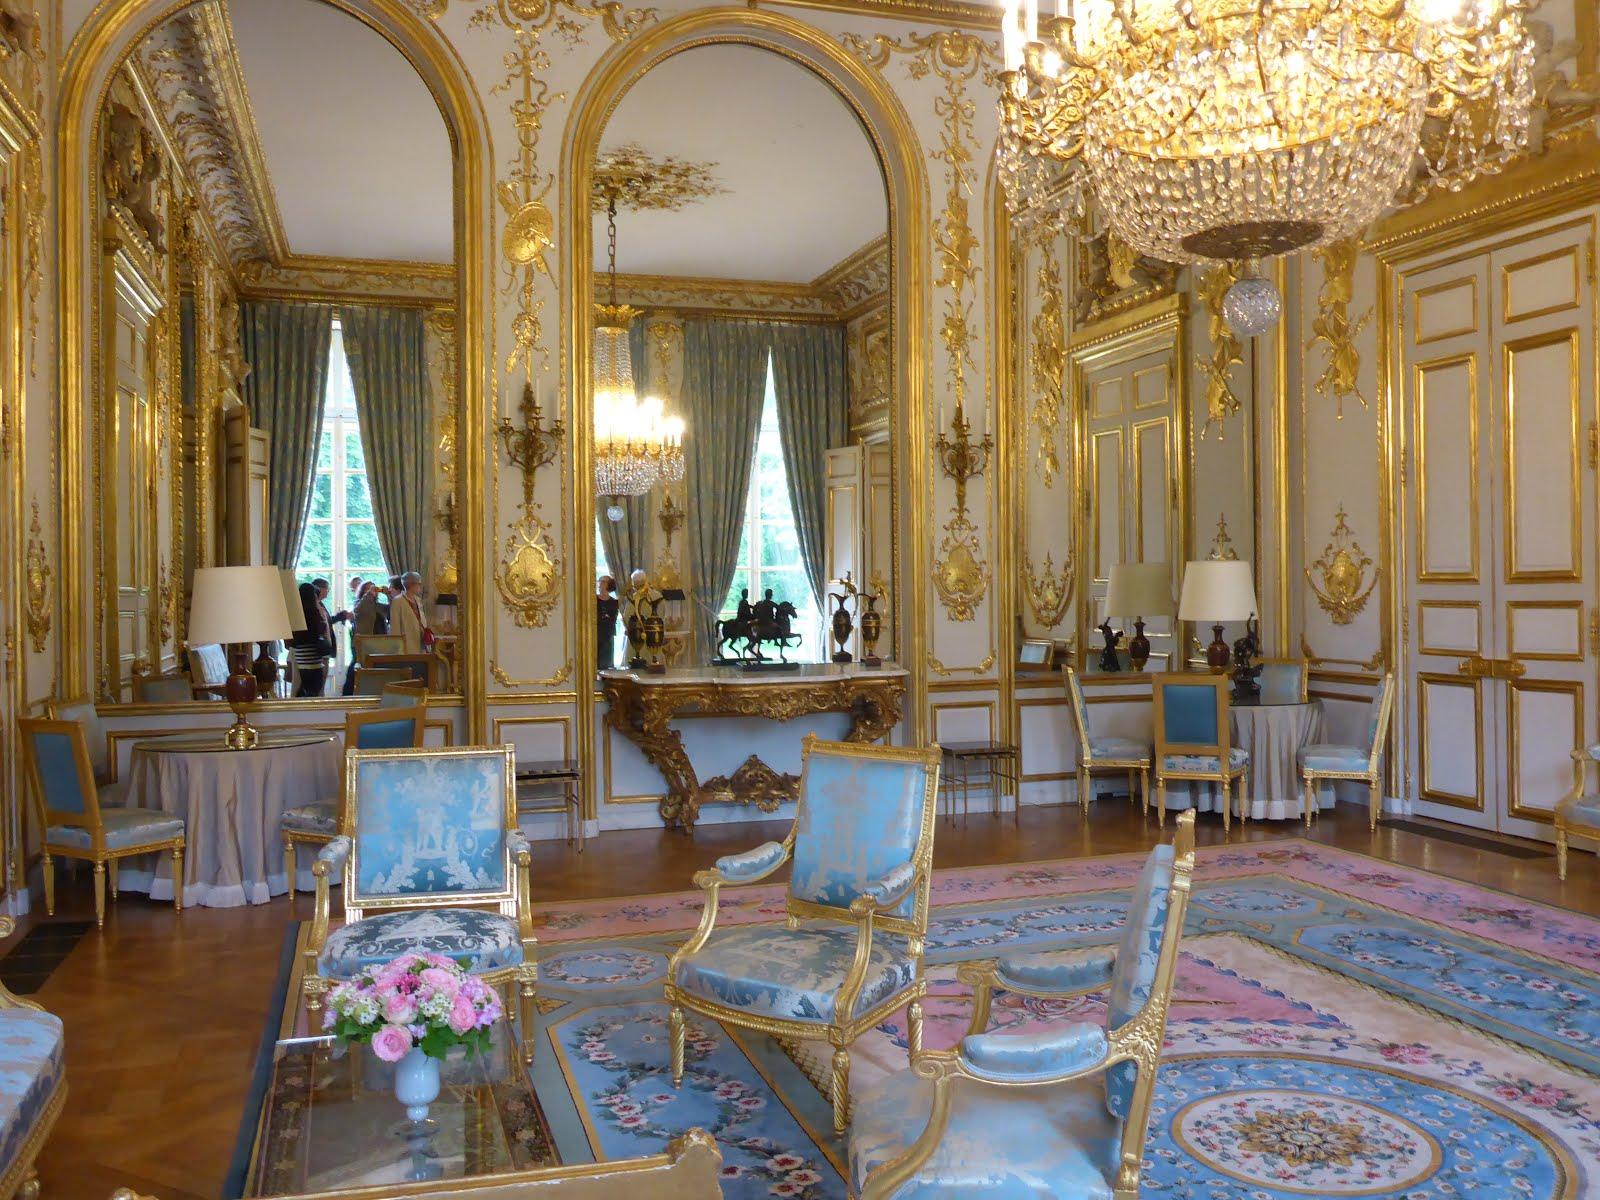 Visite priv e du palais de l elys e le bout de la lorgnette - Le salon de la photo ...